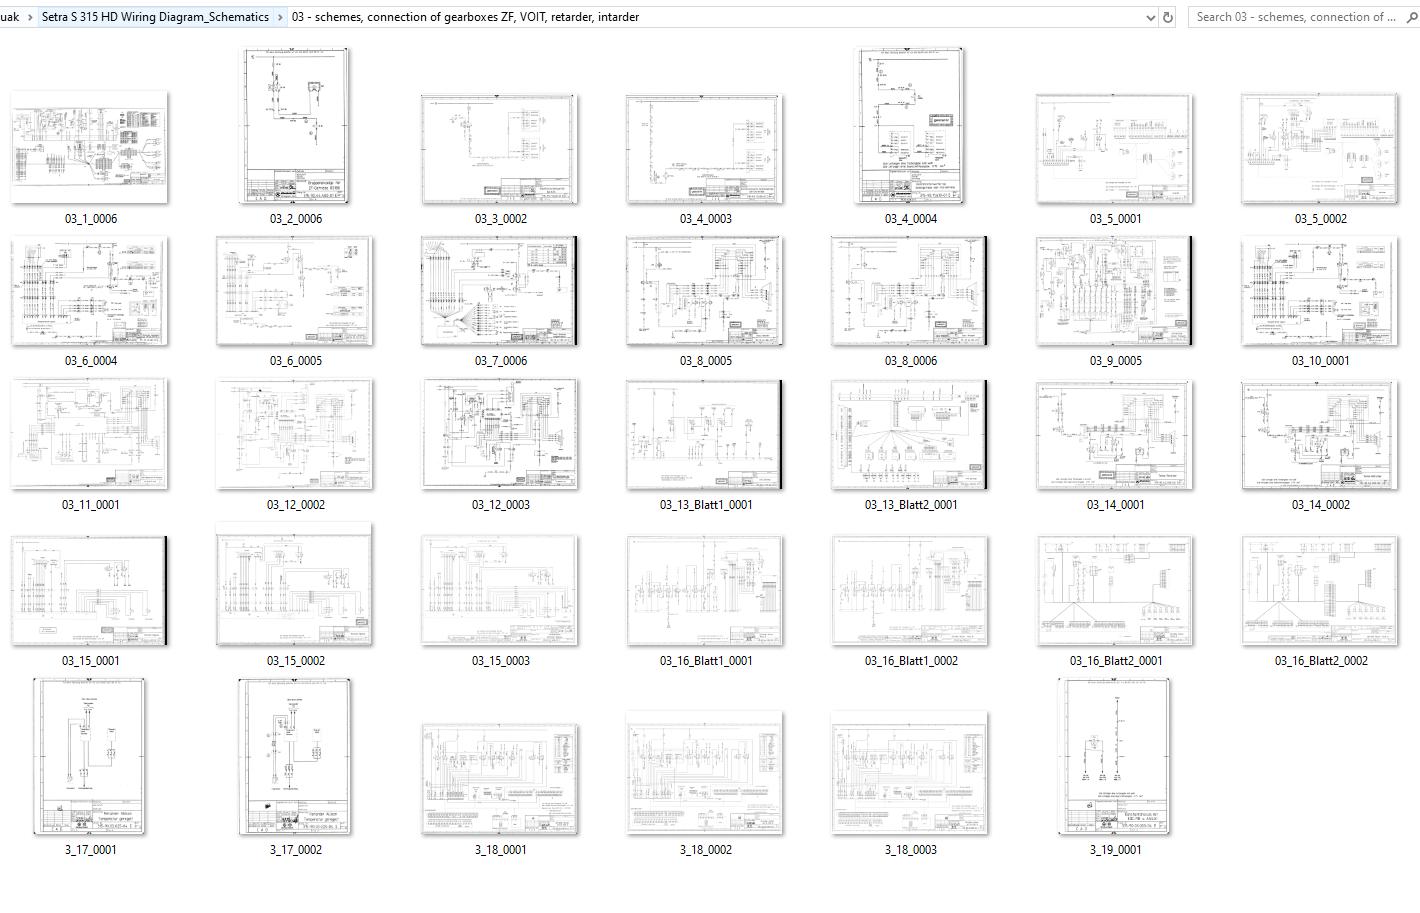 Setra S 315 Hd Wiring Diagram Schematics